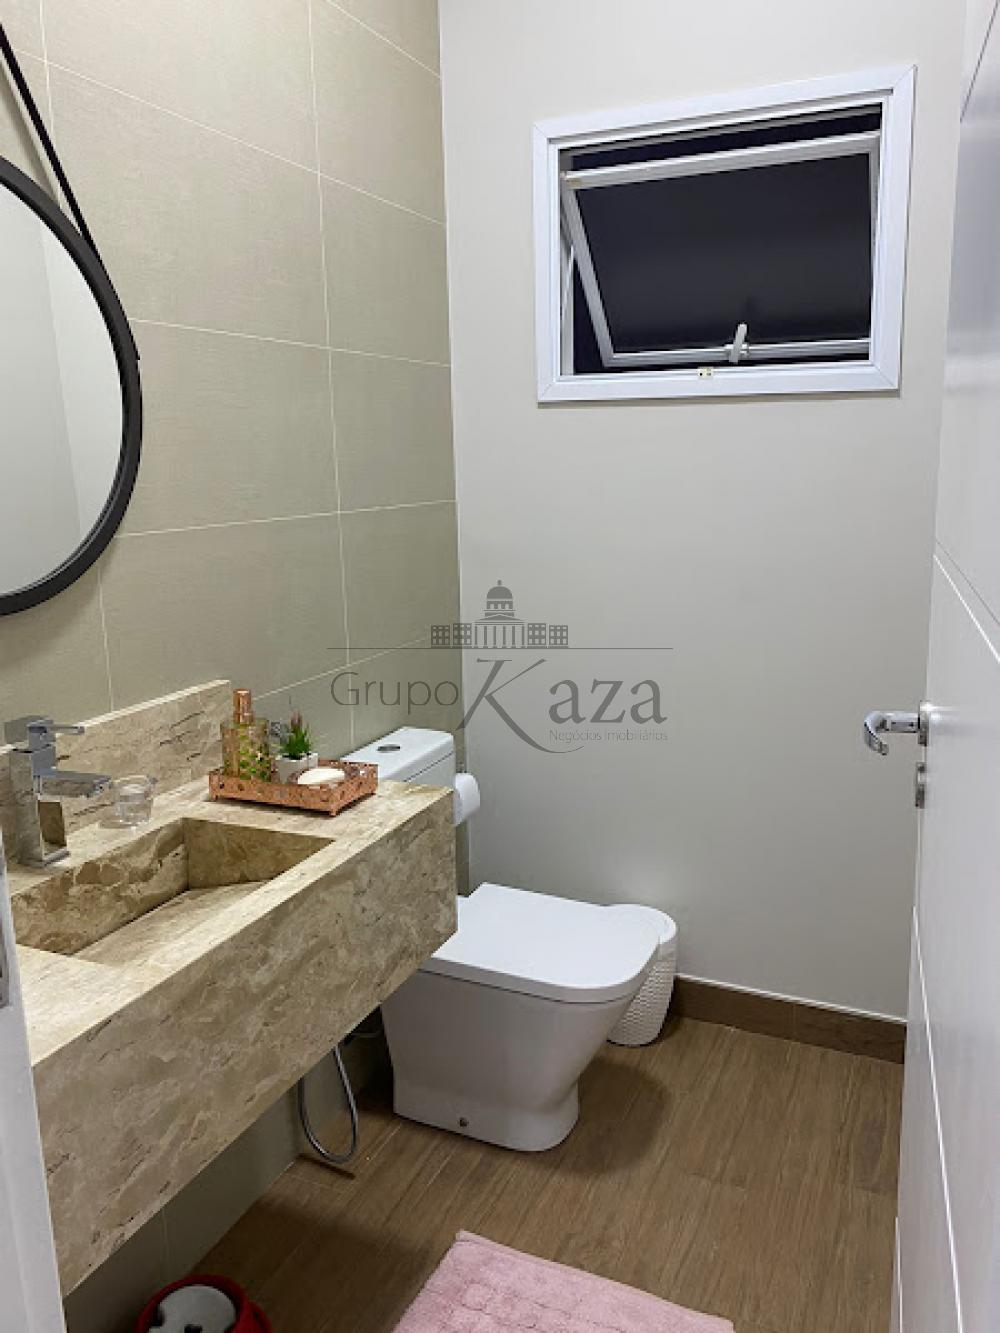 alt='Comprar Casa / Sobrado em São José dos Campos R$ 750.000,00 - Foto 31' title='Comprar Casa / Sobrado em São José dos Campos R$ 750.000,00 - Foto 31'